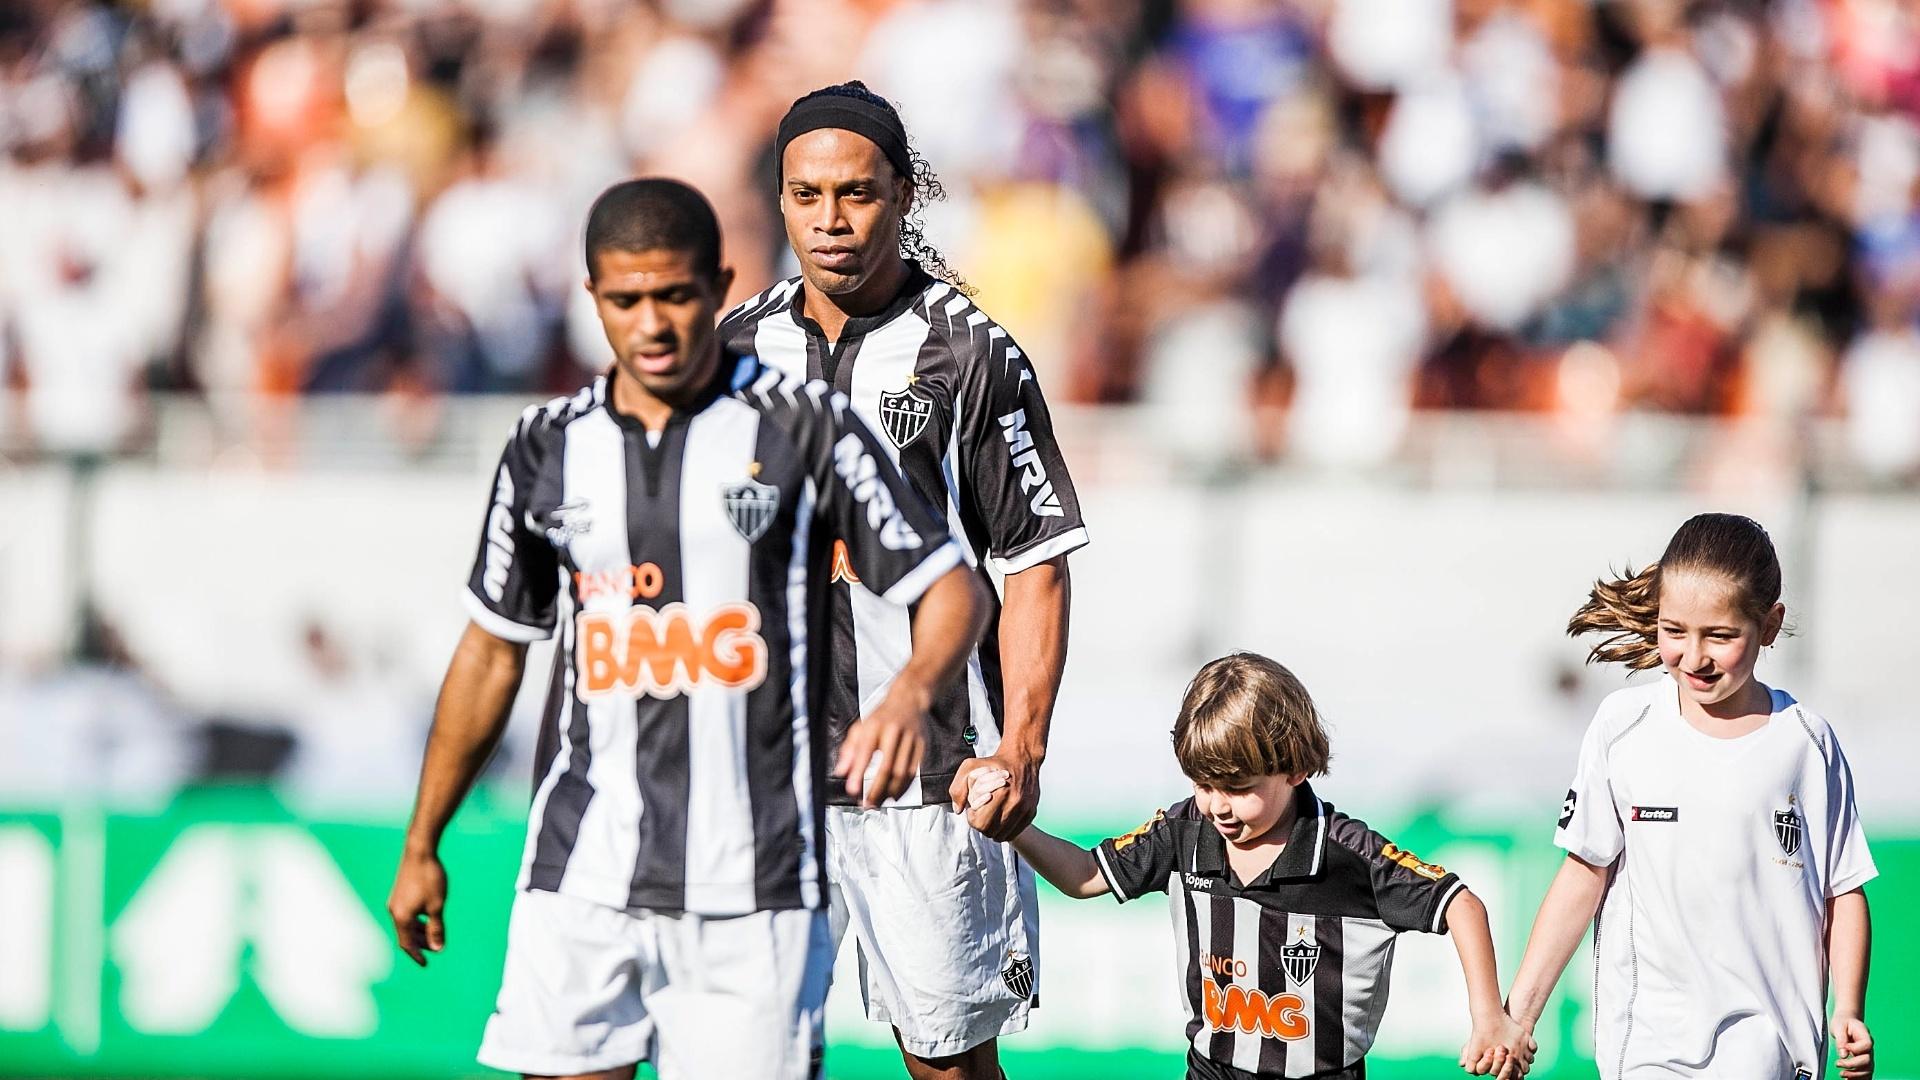 Ronaldinho Gaúcho entra em campo para a partida entre Atlético-MG e Corinthians, no Pacaembu